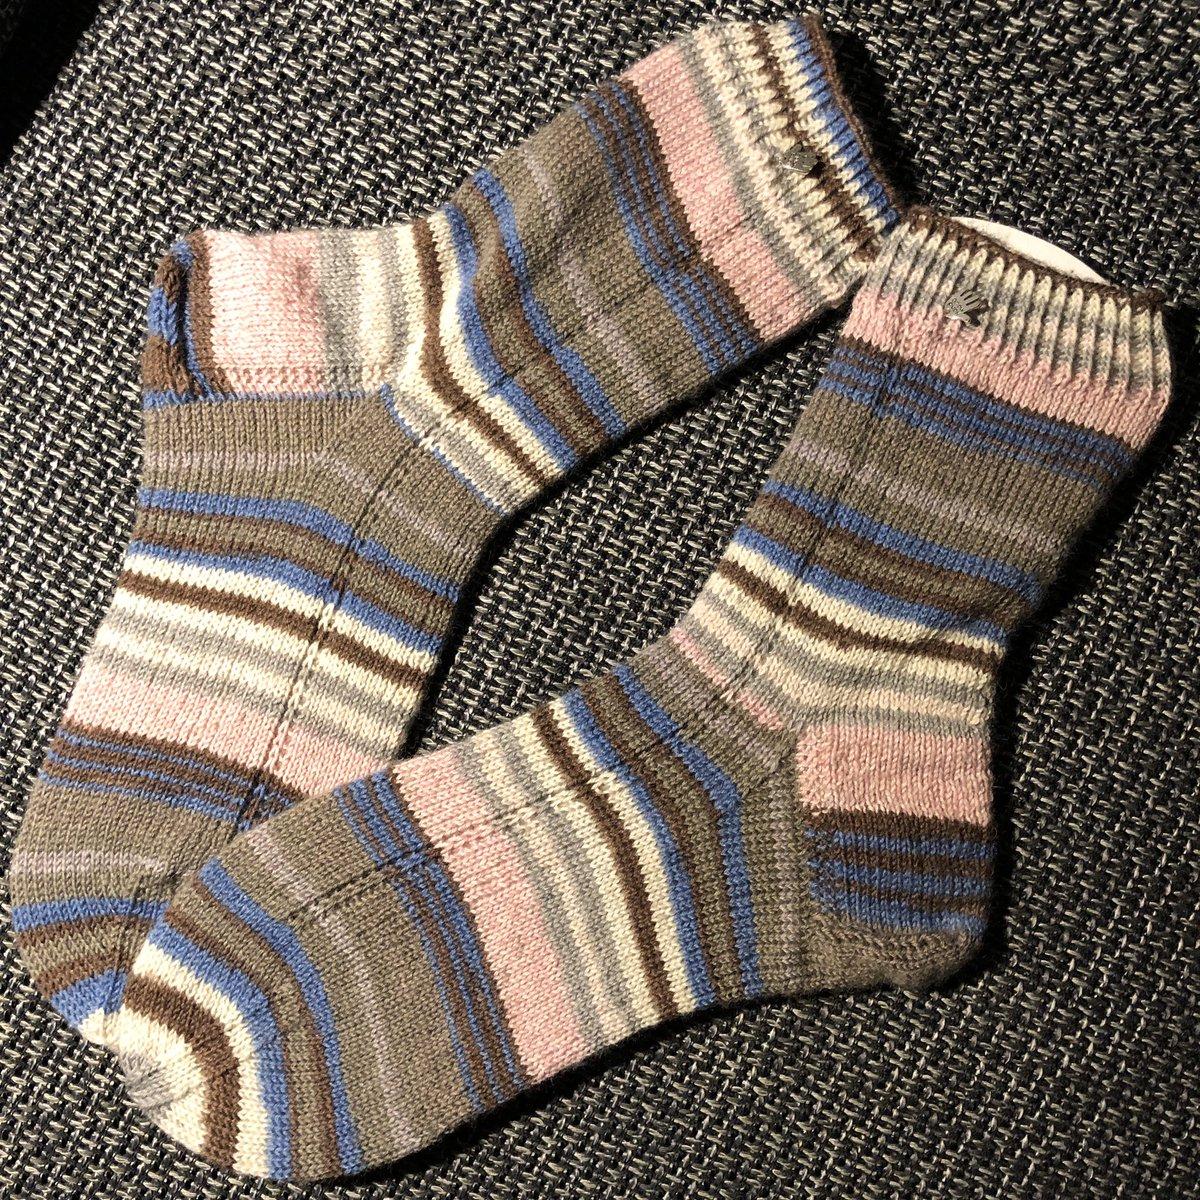 Socken für den Herrn Papa  Größe 44/45  Wolle ist von @lanagrossa meilenweit  #socken #stricken #sockenstricken #papasocken #knit #knitting #lanagrossa #knitwear #knitted #sockspic.twitter.com/KemCZu6kyS